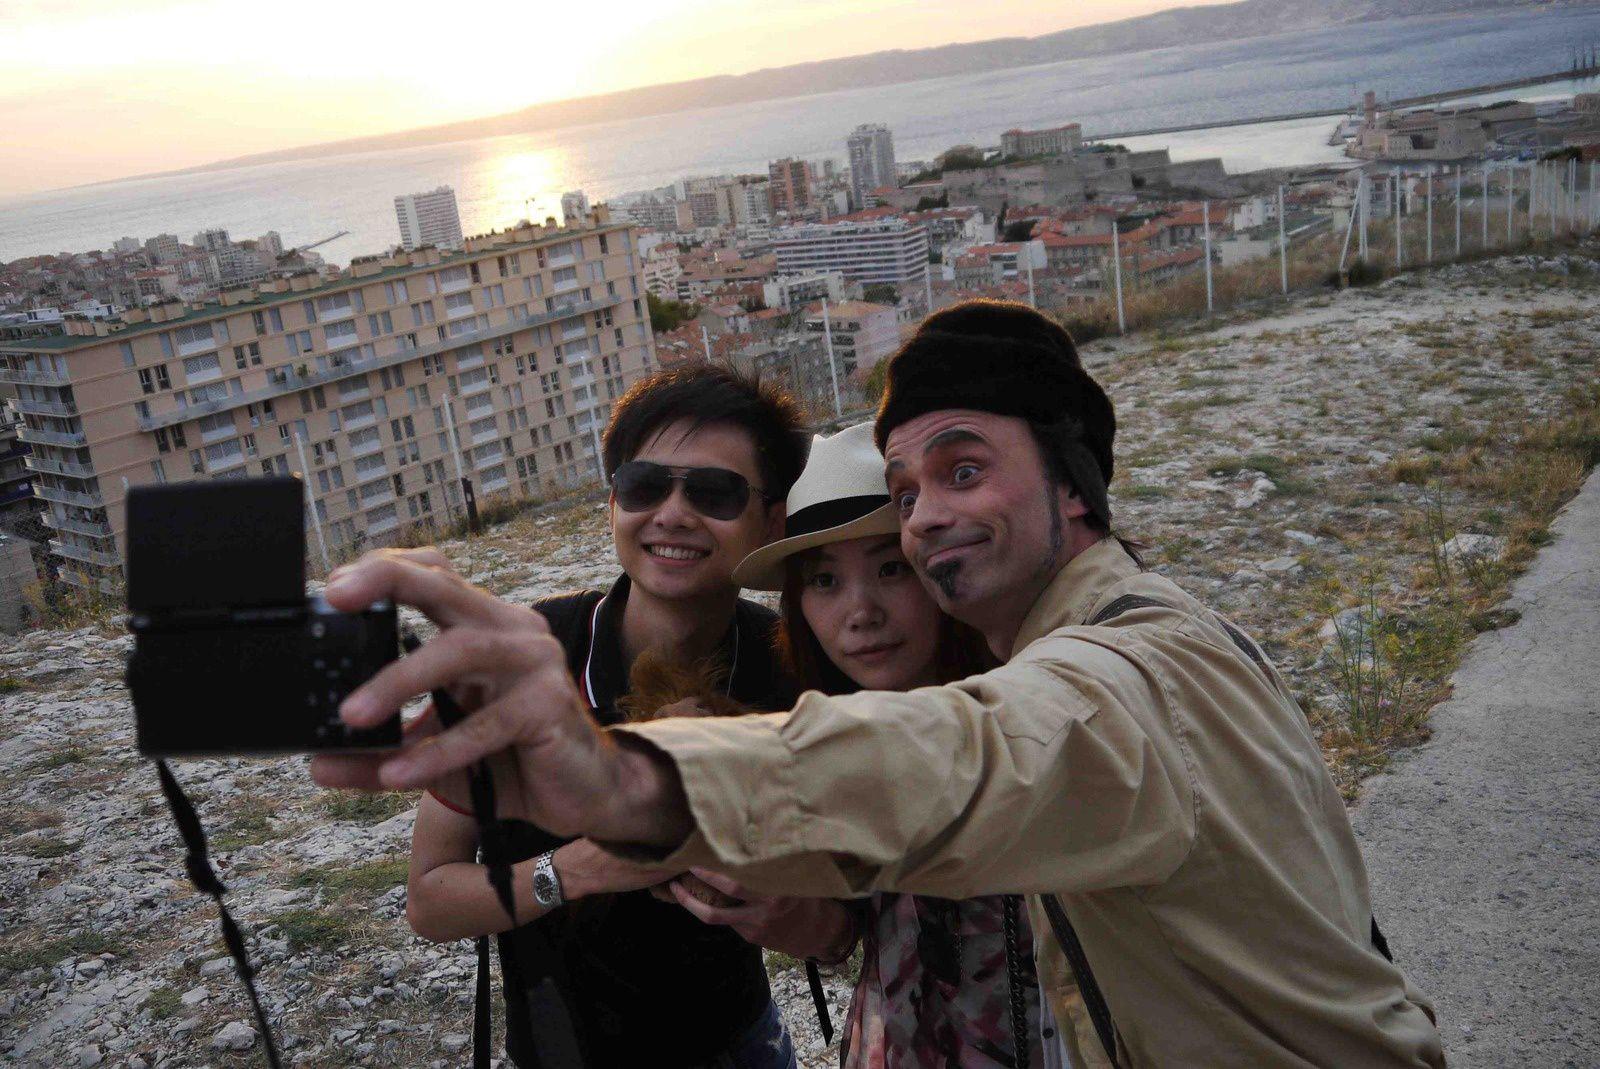 Turista maître du selfie montre aux amis chinois comment faire un bon selfie...